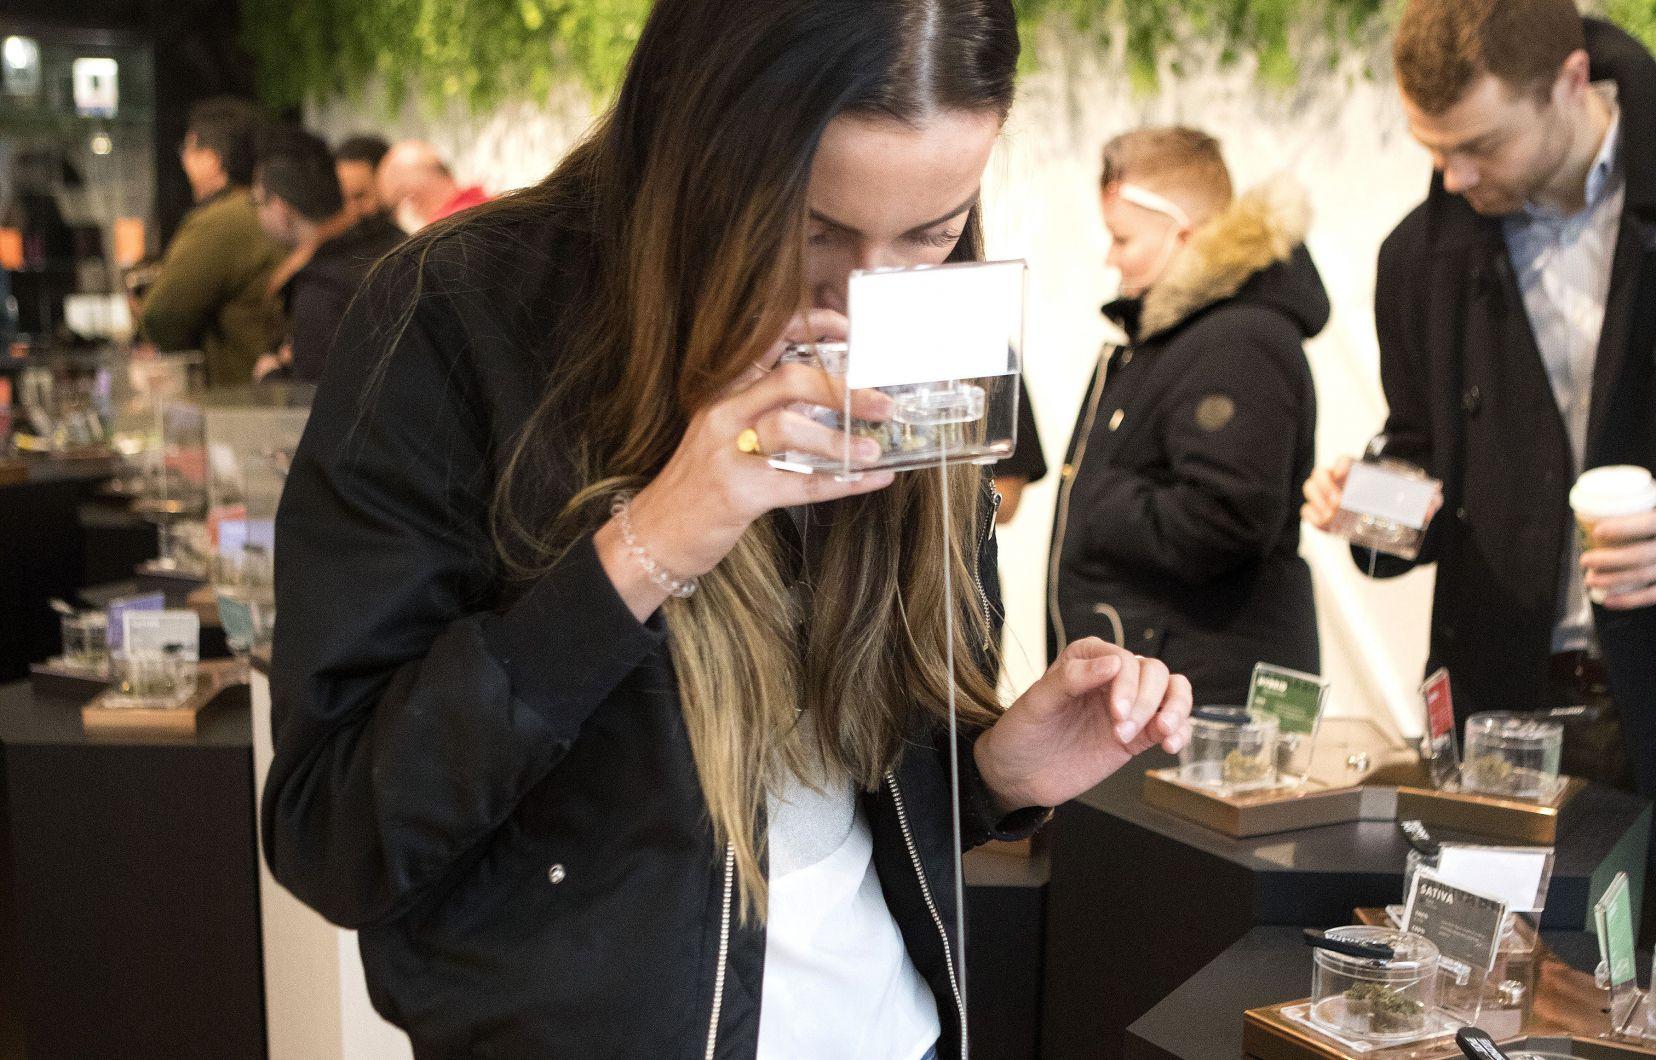 Une cliente hume l'odeur d'un produit dans un commerce de cannabis qui a ouvert ses portes lundi à Toronto. Photo: Chris Young La Presse Canadienne